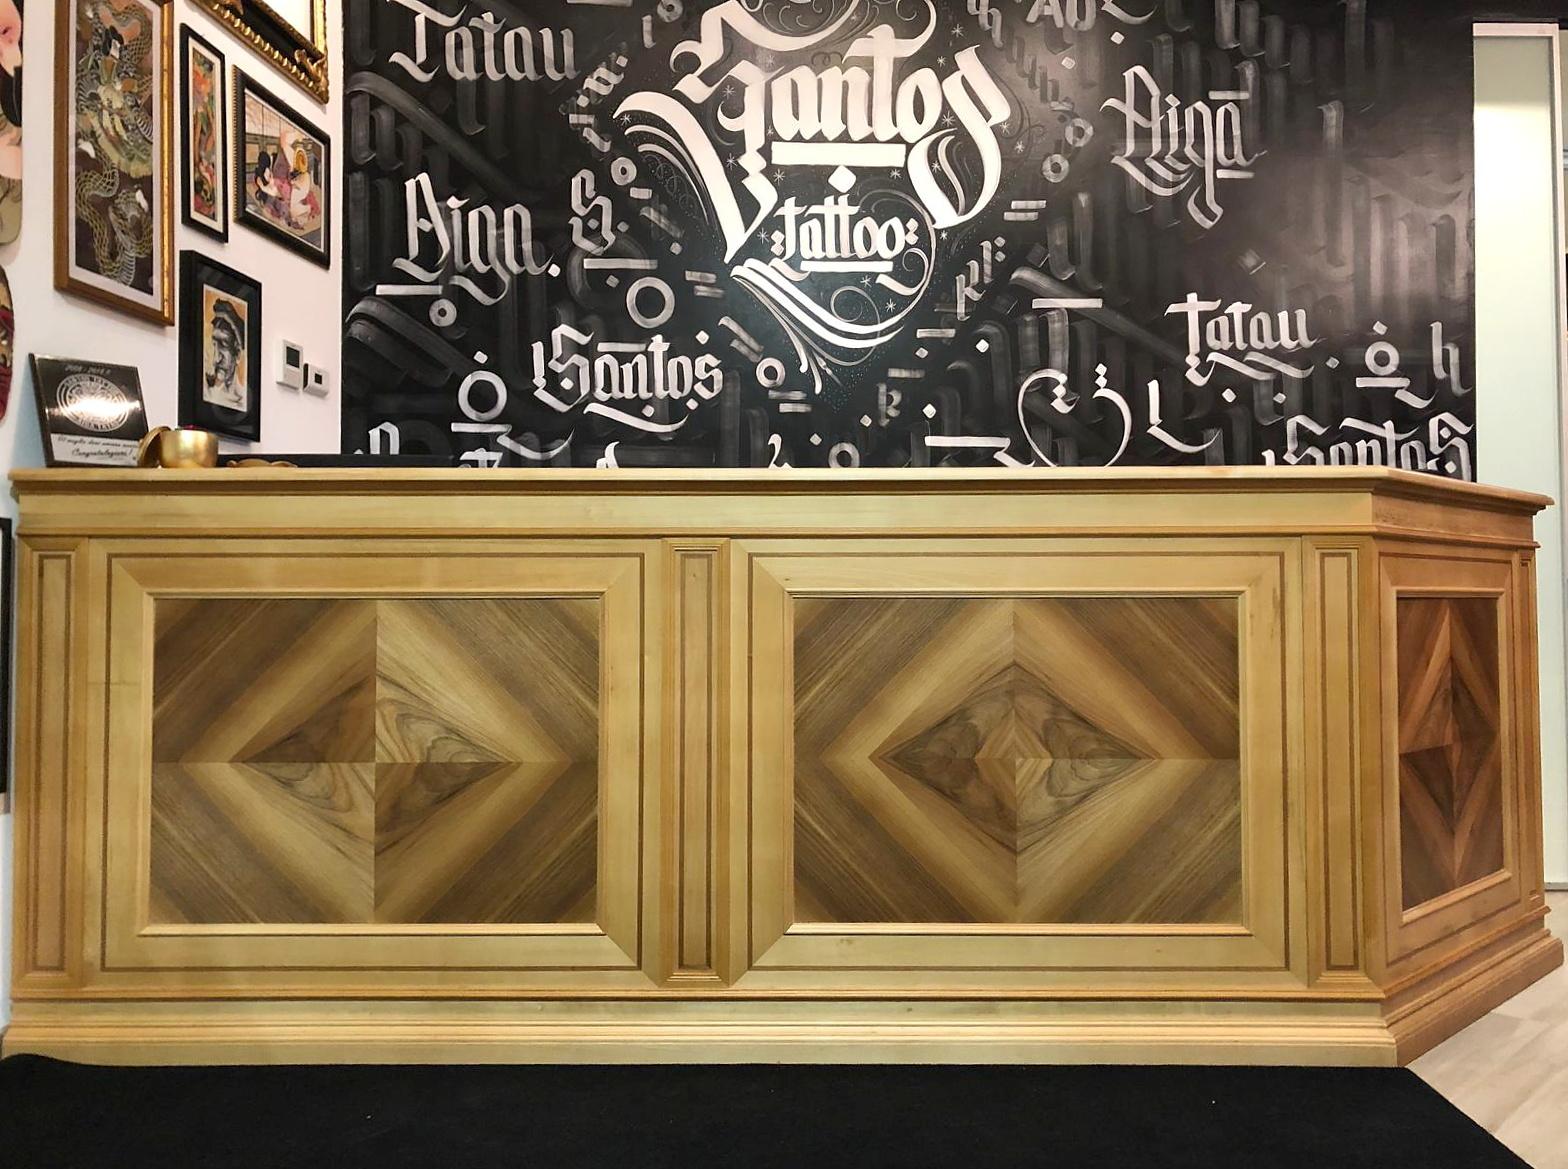 Bancone in legno grezzo : Rivestimenti in legno per negozi perline vendita online